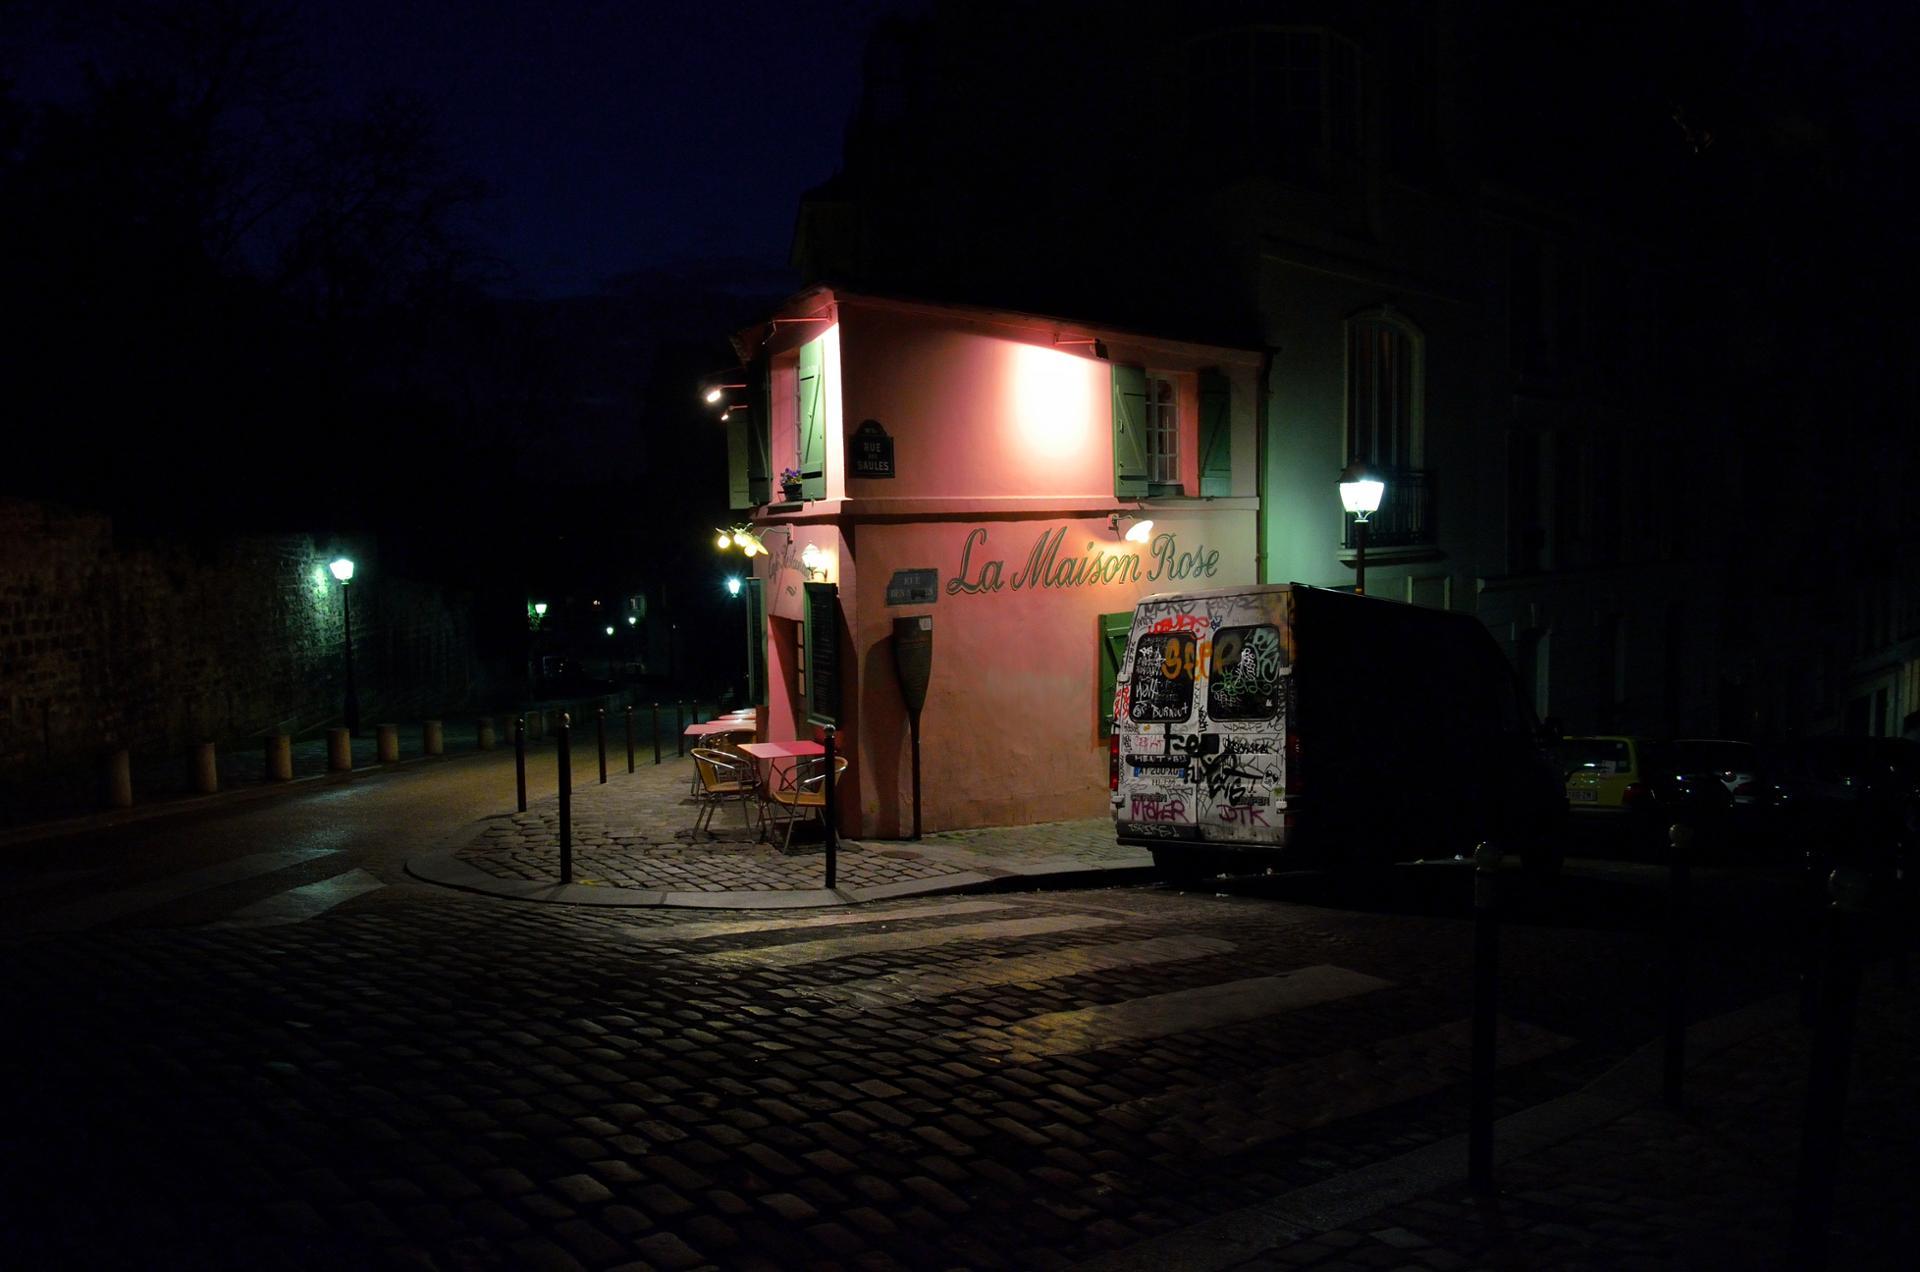 La maison rose dans le noir.